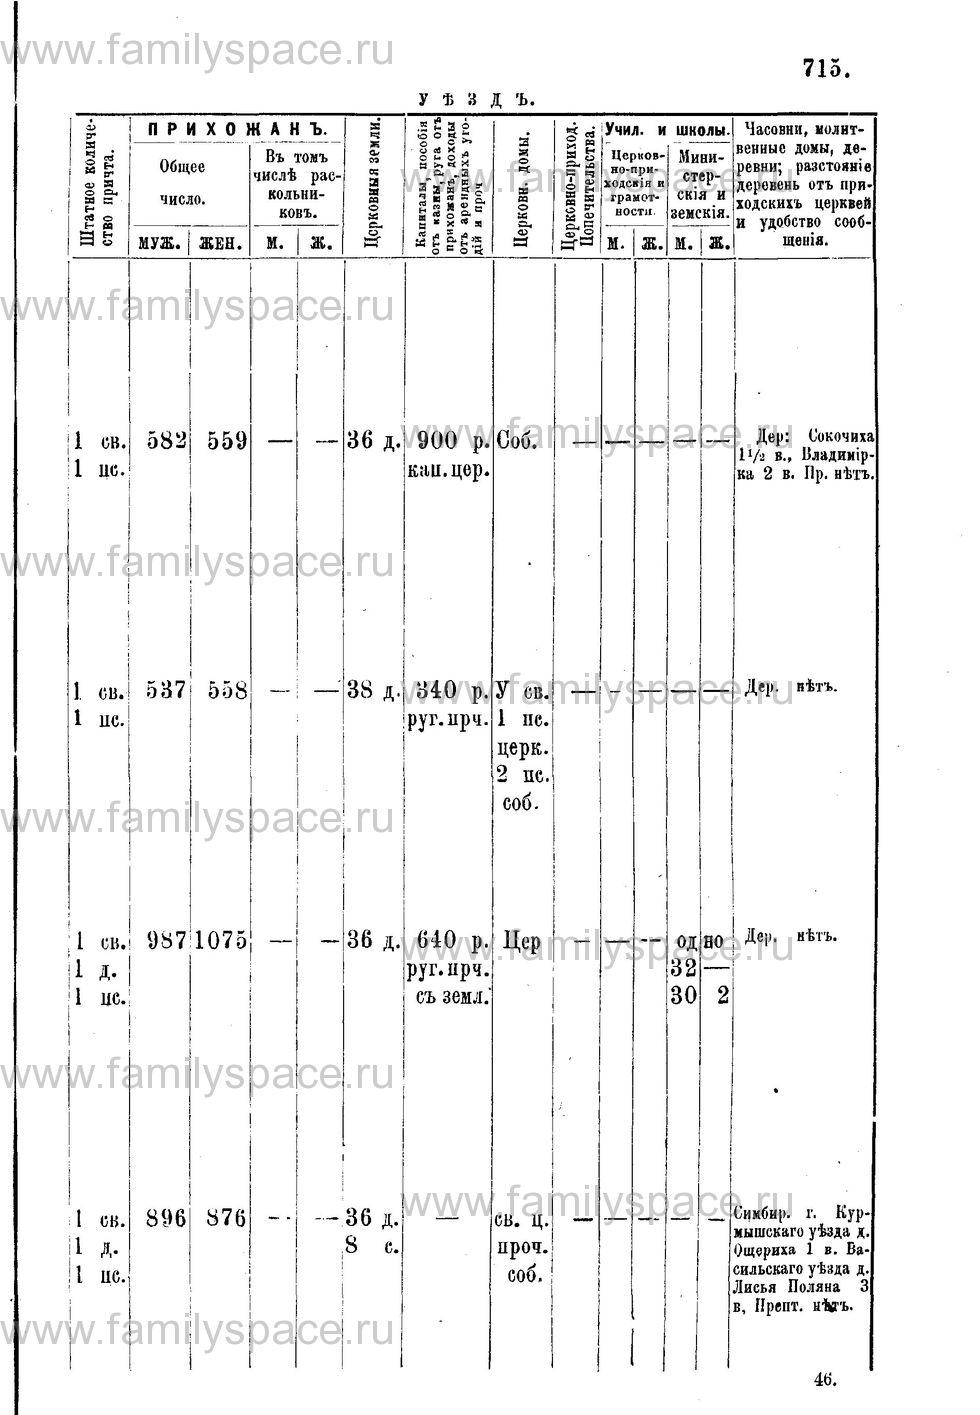 Поиск по фамилии - Адрес-календарь Нижегородской епархии на 1888 год, страница 1715